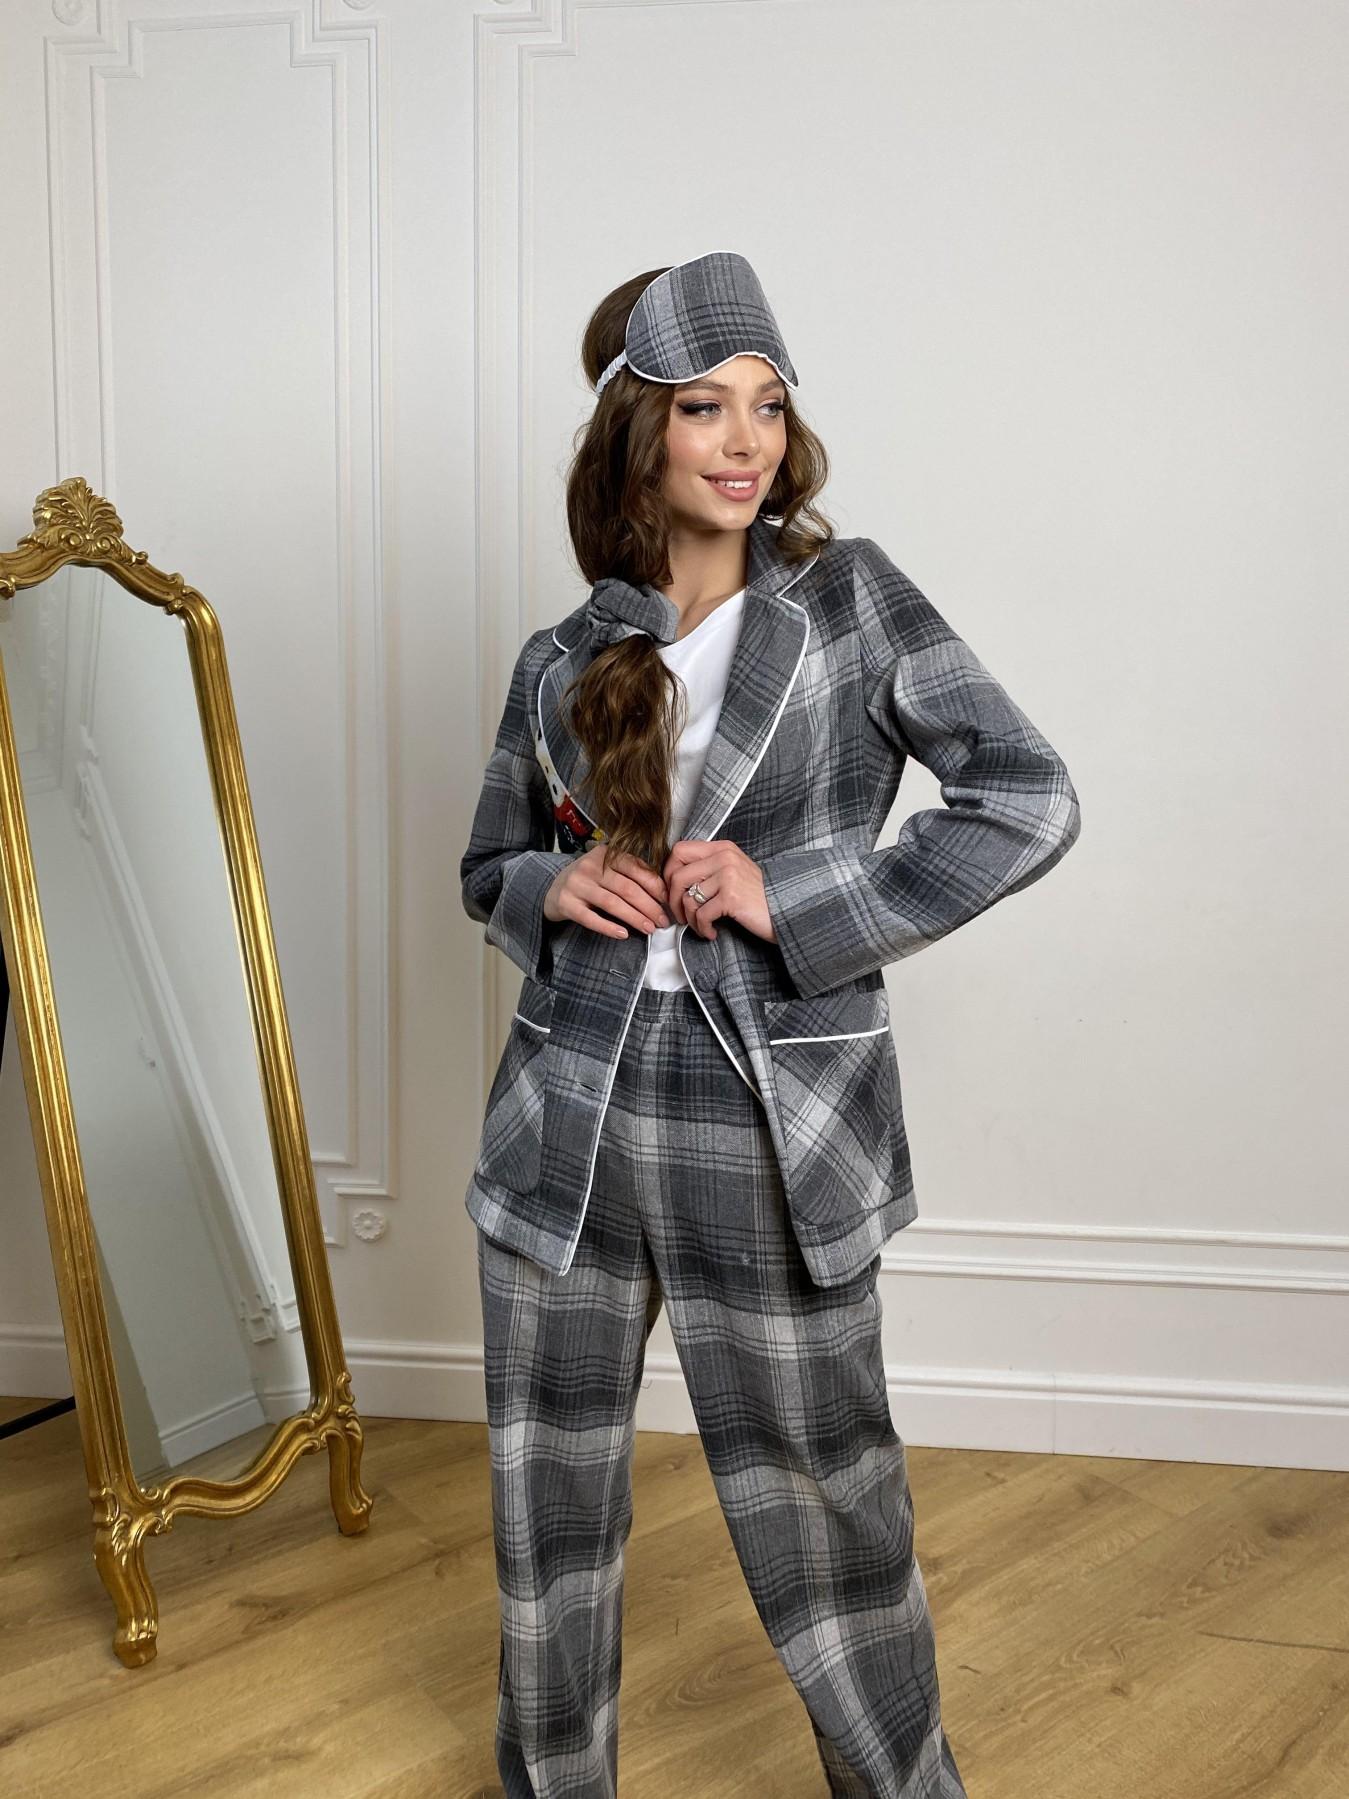 Тедди пижама в клетку из коттона(жакет,футболка,брюки,маска,резинка) 10384 АРТ. 46910 Цвет: Т.серый/серый - фото 2, интернет магазин tm-modus.ru